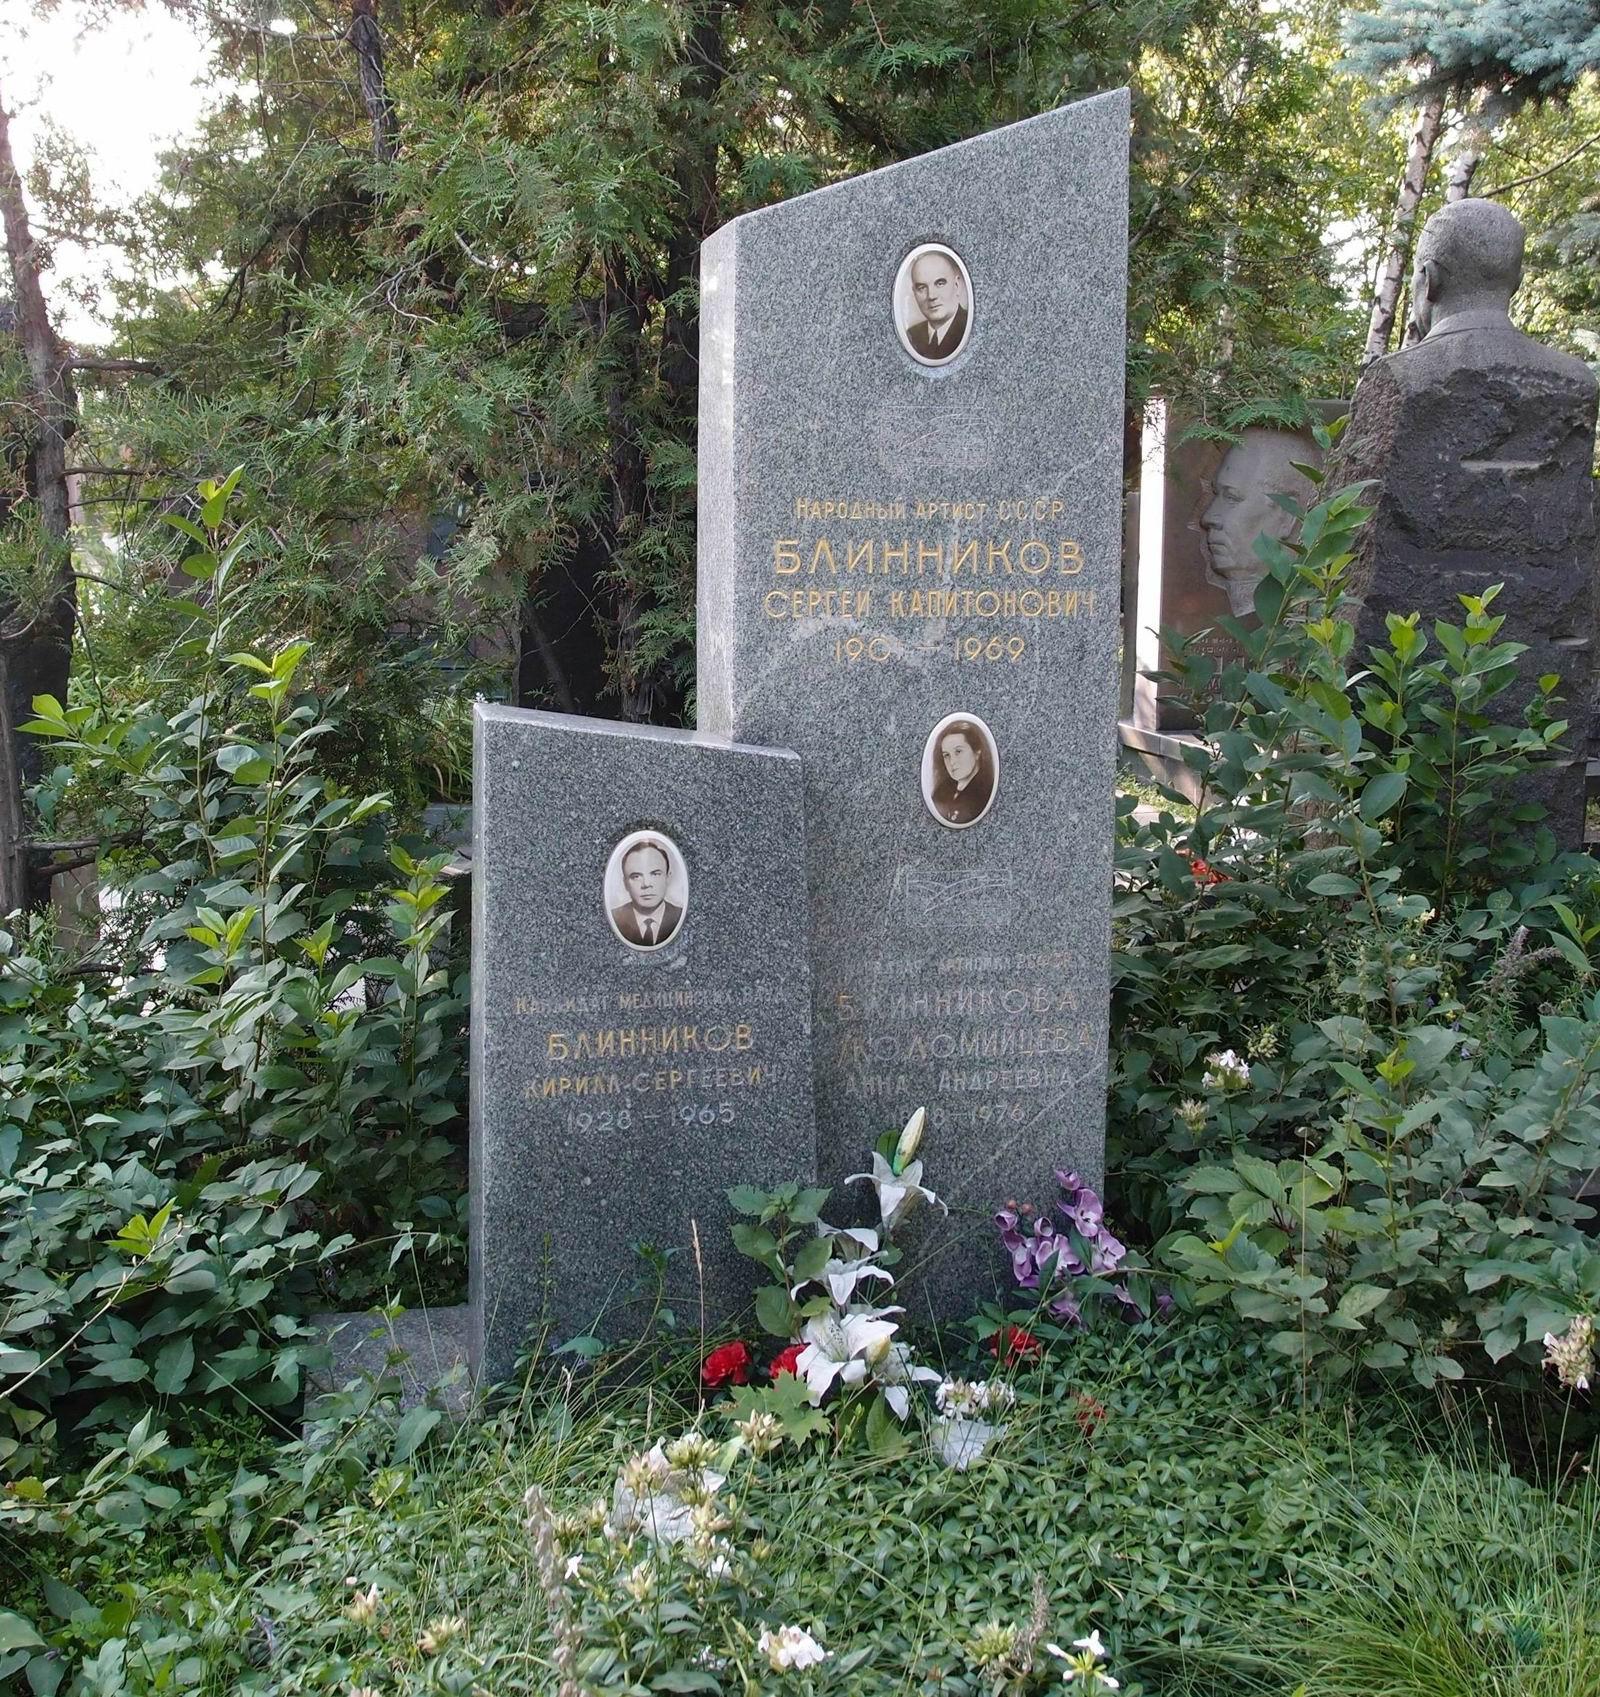 Памятник на могилу Кедровый где купить в вологде памятник из гранита